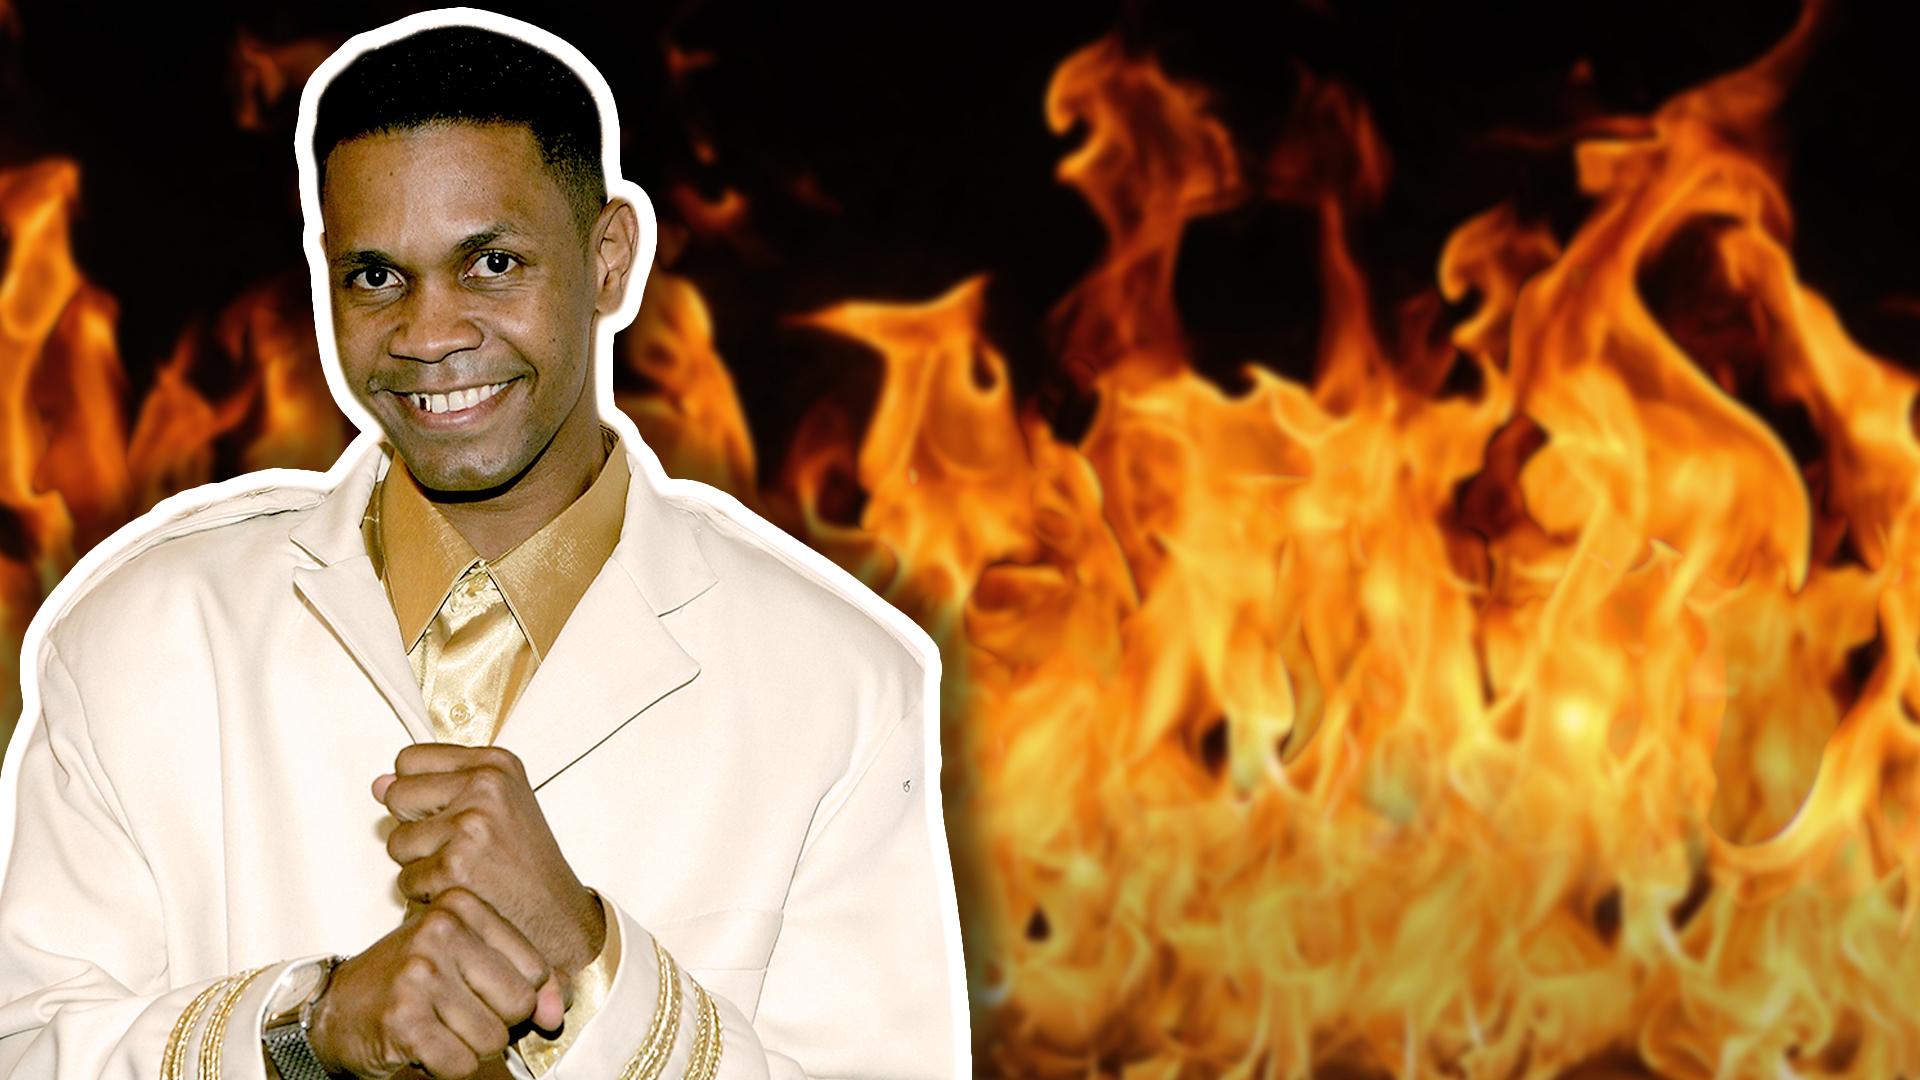 Es en serio: El General (el mismo de 'Rica y apretadita') ahora dice que el reggaeton es de Satanás